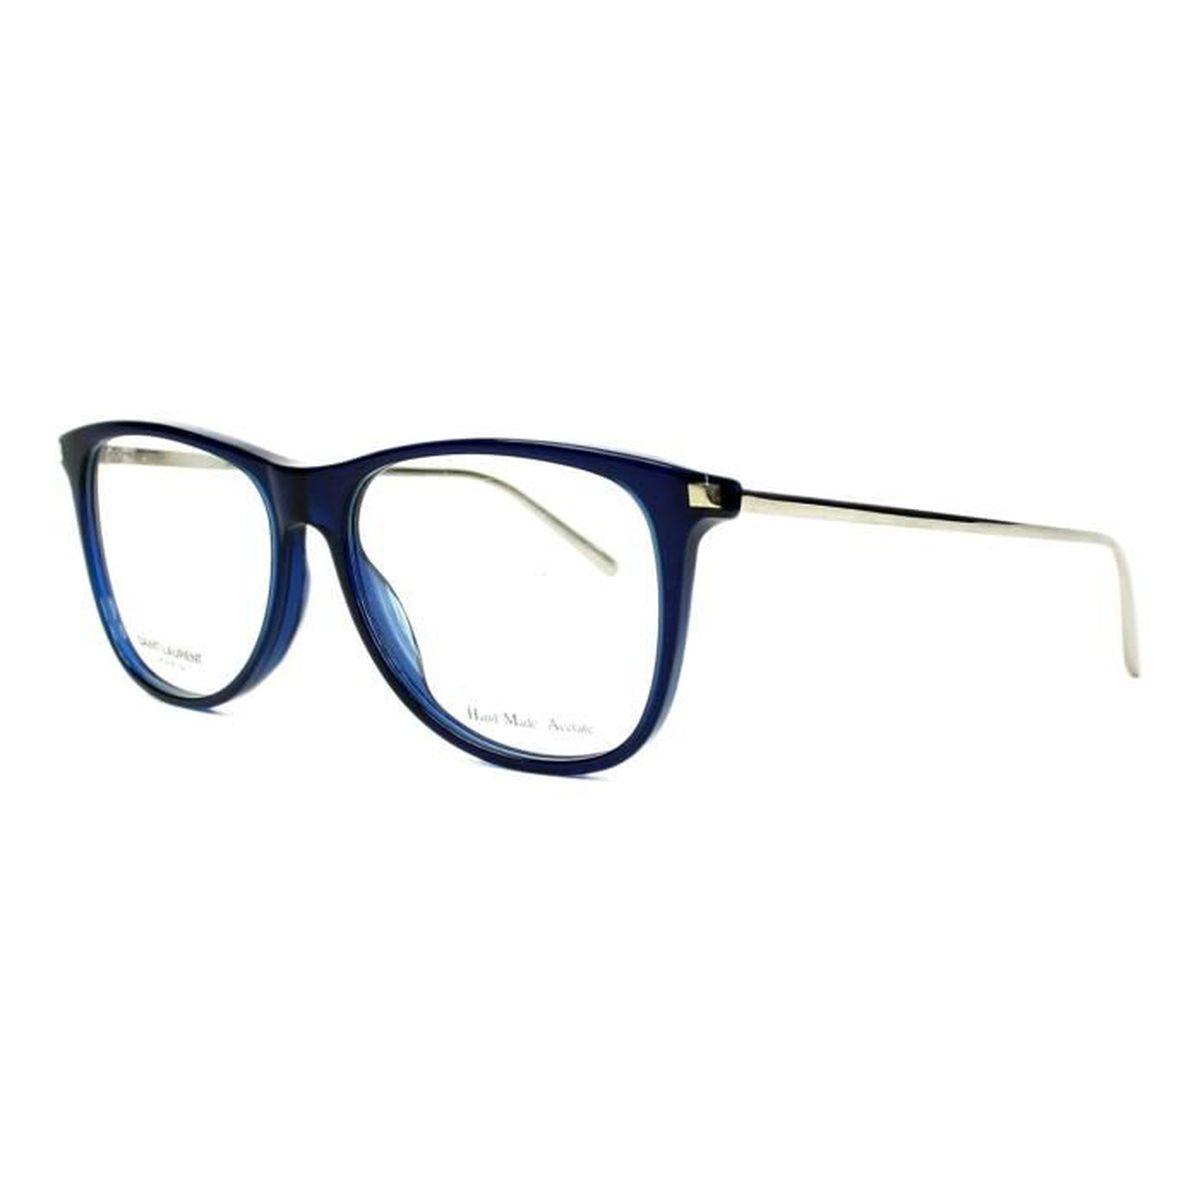 Lunettes de vue Yves Saint Laurent SL79 -BJJ Bleu transparent ... 68d547f2522d